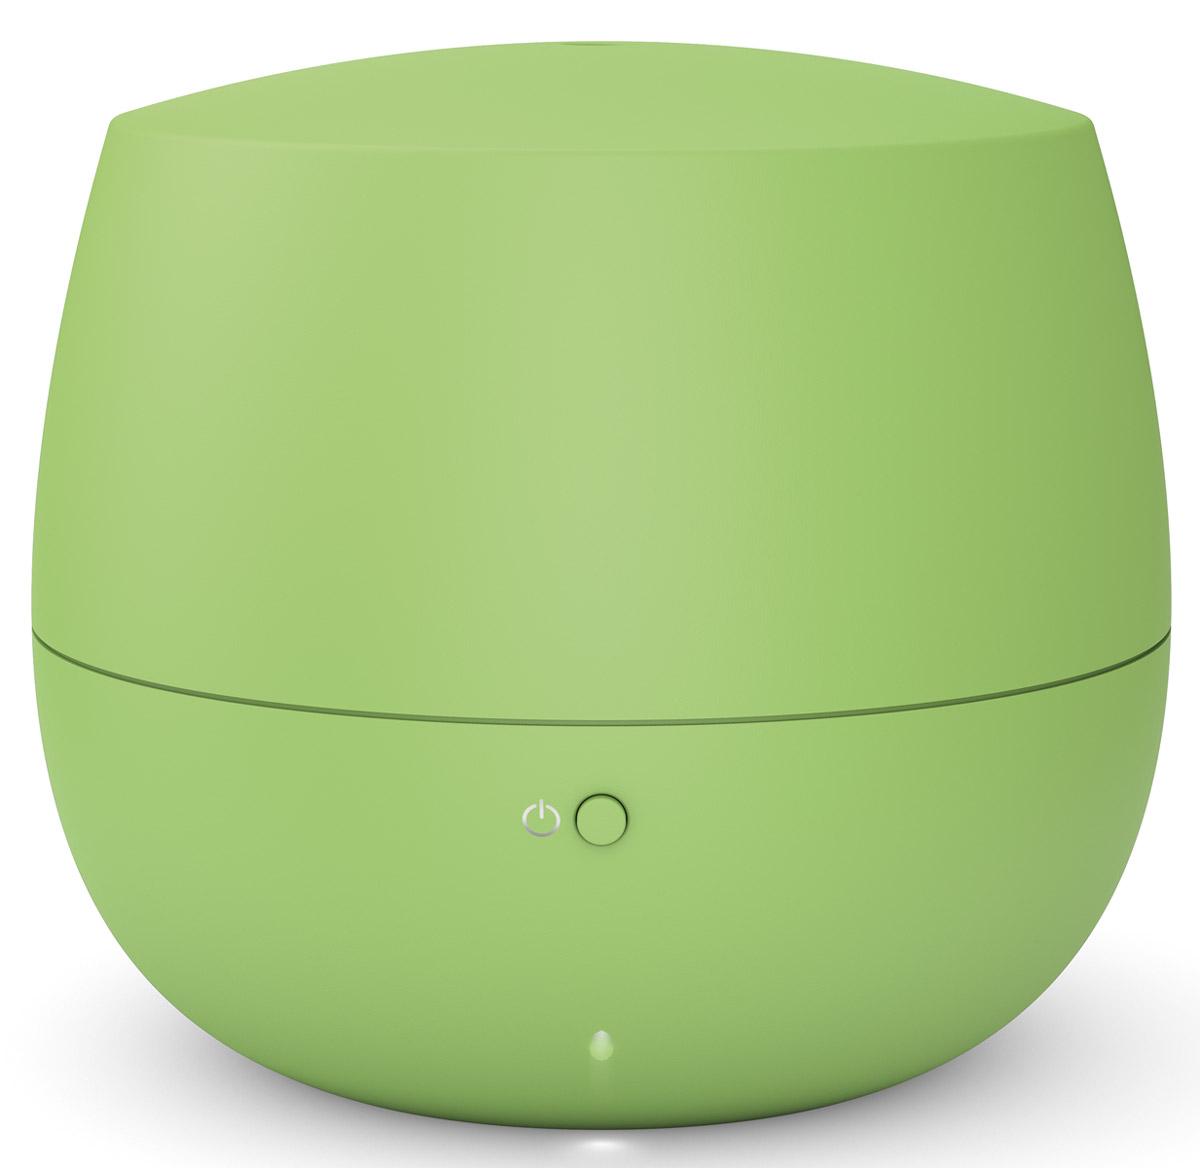 Stadler Form Mia, Lime ароматизатор воздуха00000051230Еще несколько шагов по знакомым ступенькам, язычок замка нехотя перевернется, и вы окажетесь дома. Раньше,чем свет покажет вам привычную картину прихожей, вы ощутите едва заметный, ласковый и теплый аромат. Таквас встречает Stadler Form Mia - миниатюрный ароматизатор воздуха для дома.Этот умный ароматизатор выполняет работу эффективно и незаметно. Даже ее символическая подсветканаправлена вниз - Mia словно опустила взгляд. Впрочем, обратить на нее внимание все же стоит: мягкий дизайн,форма которого близка человеку на генном уровне, и теплая матовость материала будут вкусной пищей длявашего чувства прекрасного. Если оставить высокие материи и обратиться к технологиям, то внутри Mia можно обнаружить современнуюутльтразвуковую мембрану. Она превращает воду, в которую вы добавляете любимый аромат, в мелкокапельный легчайший пар. Он хорошо смешивается с воздухом, равномерно наполняя все помещение ненавязчивым благоуханием.Для того чтобы аромат не становился слишком резким, в ароматизаторе предусмотрен интервальный режим.Это означает, что прибор насыщает воздух ароматом в течение 10 минут, а затем отключается на 20 минут, чтобыконцентрация эфирного масла была невысокой, и запах не стал приторным.За счет интервального режима Mia может непрерывно работать 10 часов, а значит - встречать вас успокаивающей лавандой после работы или всю ночь удобрять иммунитет маслом чайного дерева. Насчет спокойствия можно не беспокоиться и смело пускать Mia в спальню: она работает практически неслышно.